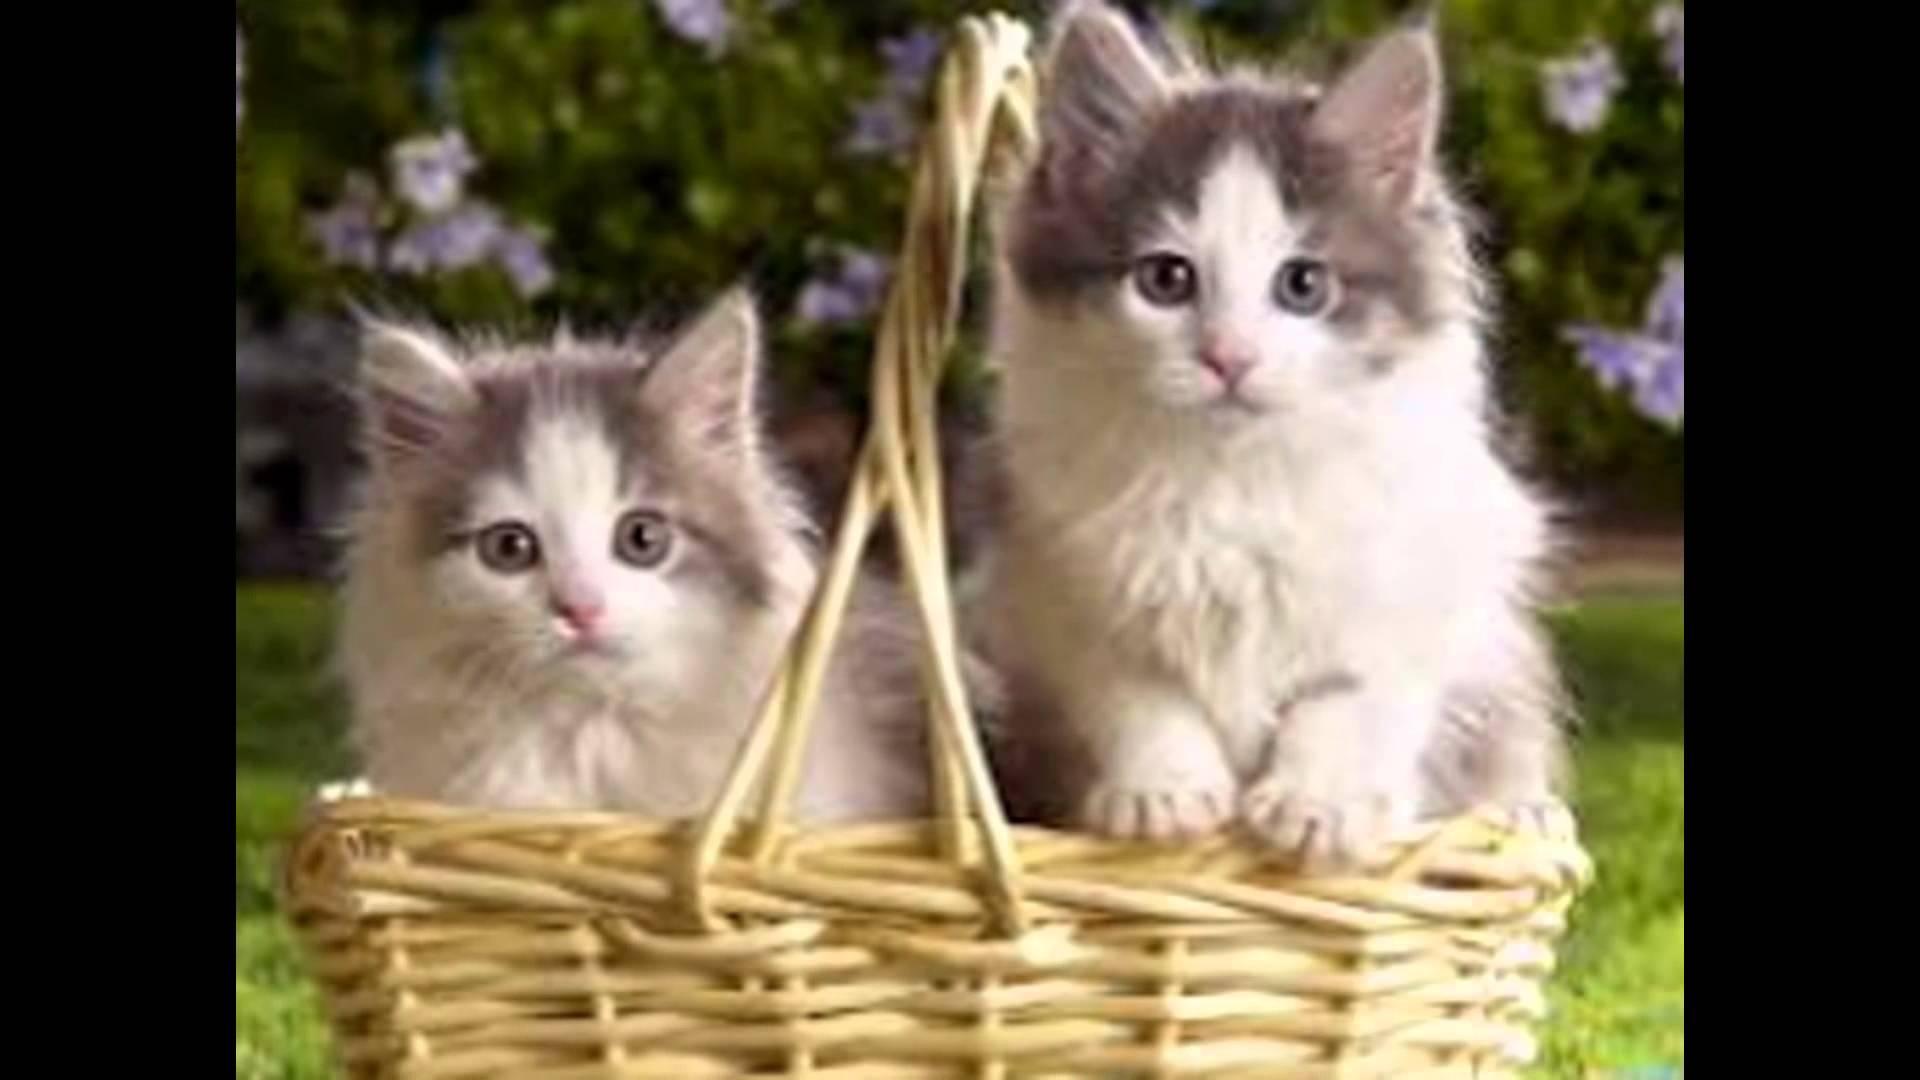 بالصور اجمل صور قطط , صور قطط كيوت 3764 5